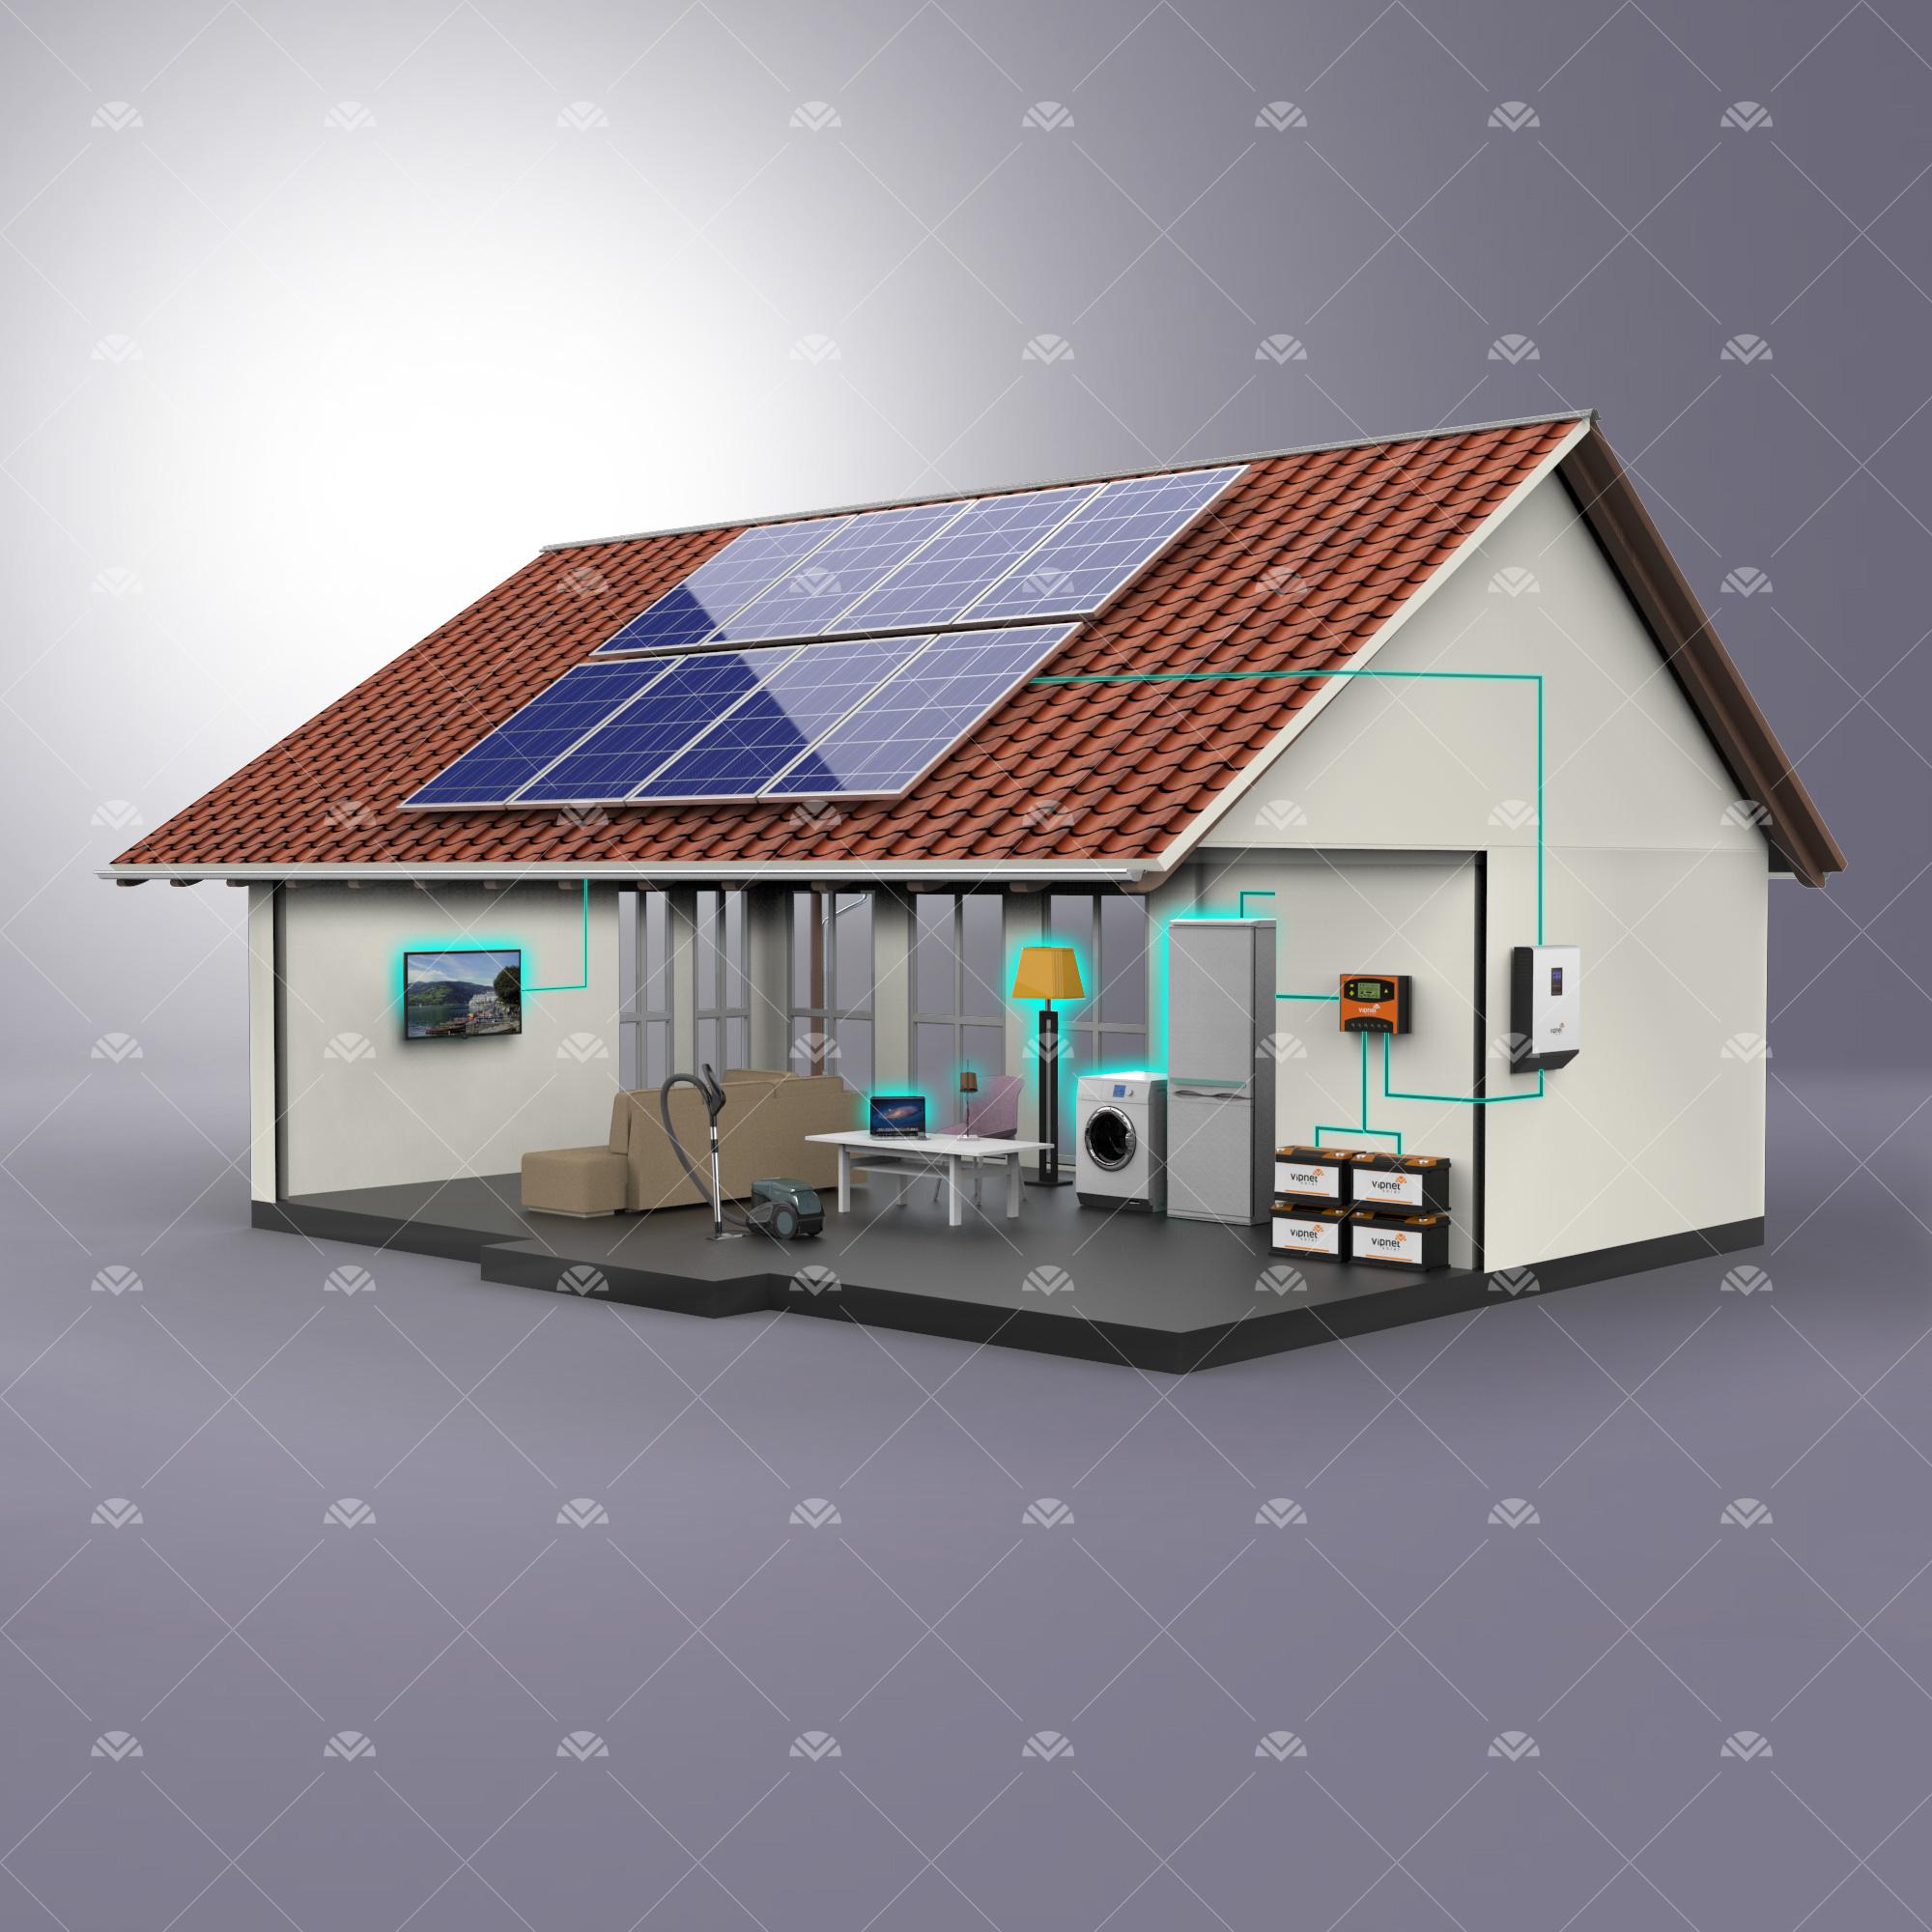 Solar Paket 6-lambalar, tv, süpürge, büyük buzdolabı, çamaşır makinesi, ev aletleri, su pompası